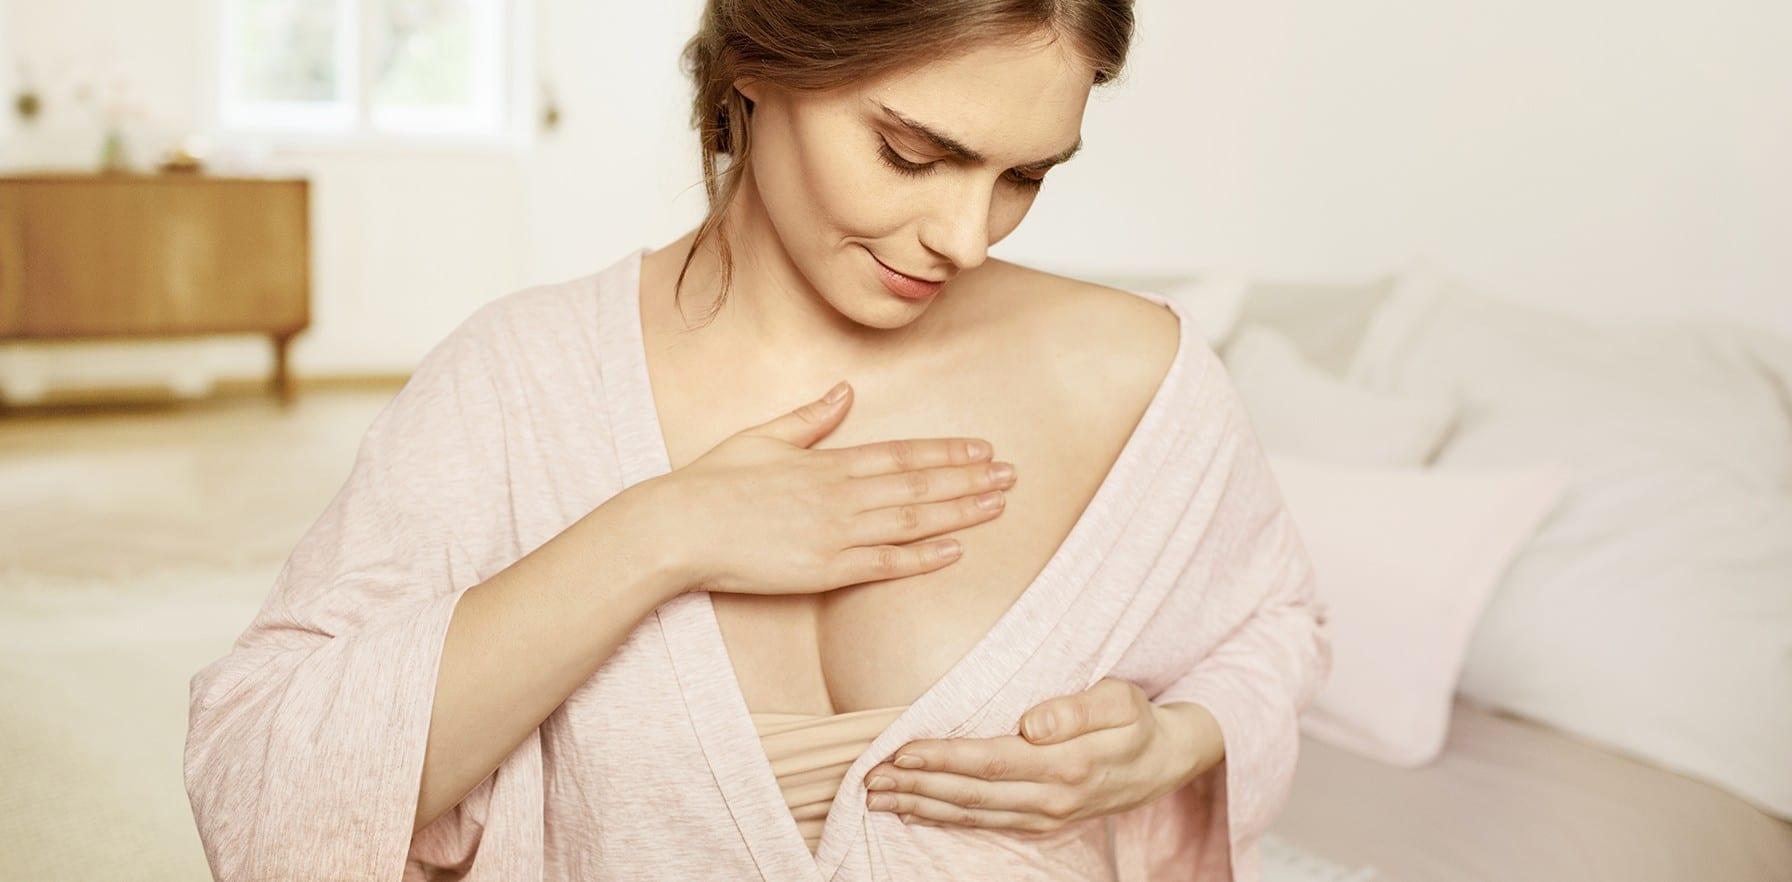 Comment savoir si je suis enceinte avec des seins plus sensibles ?